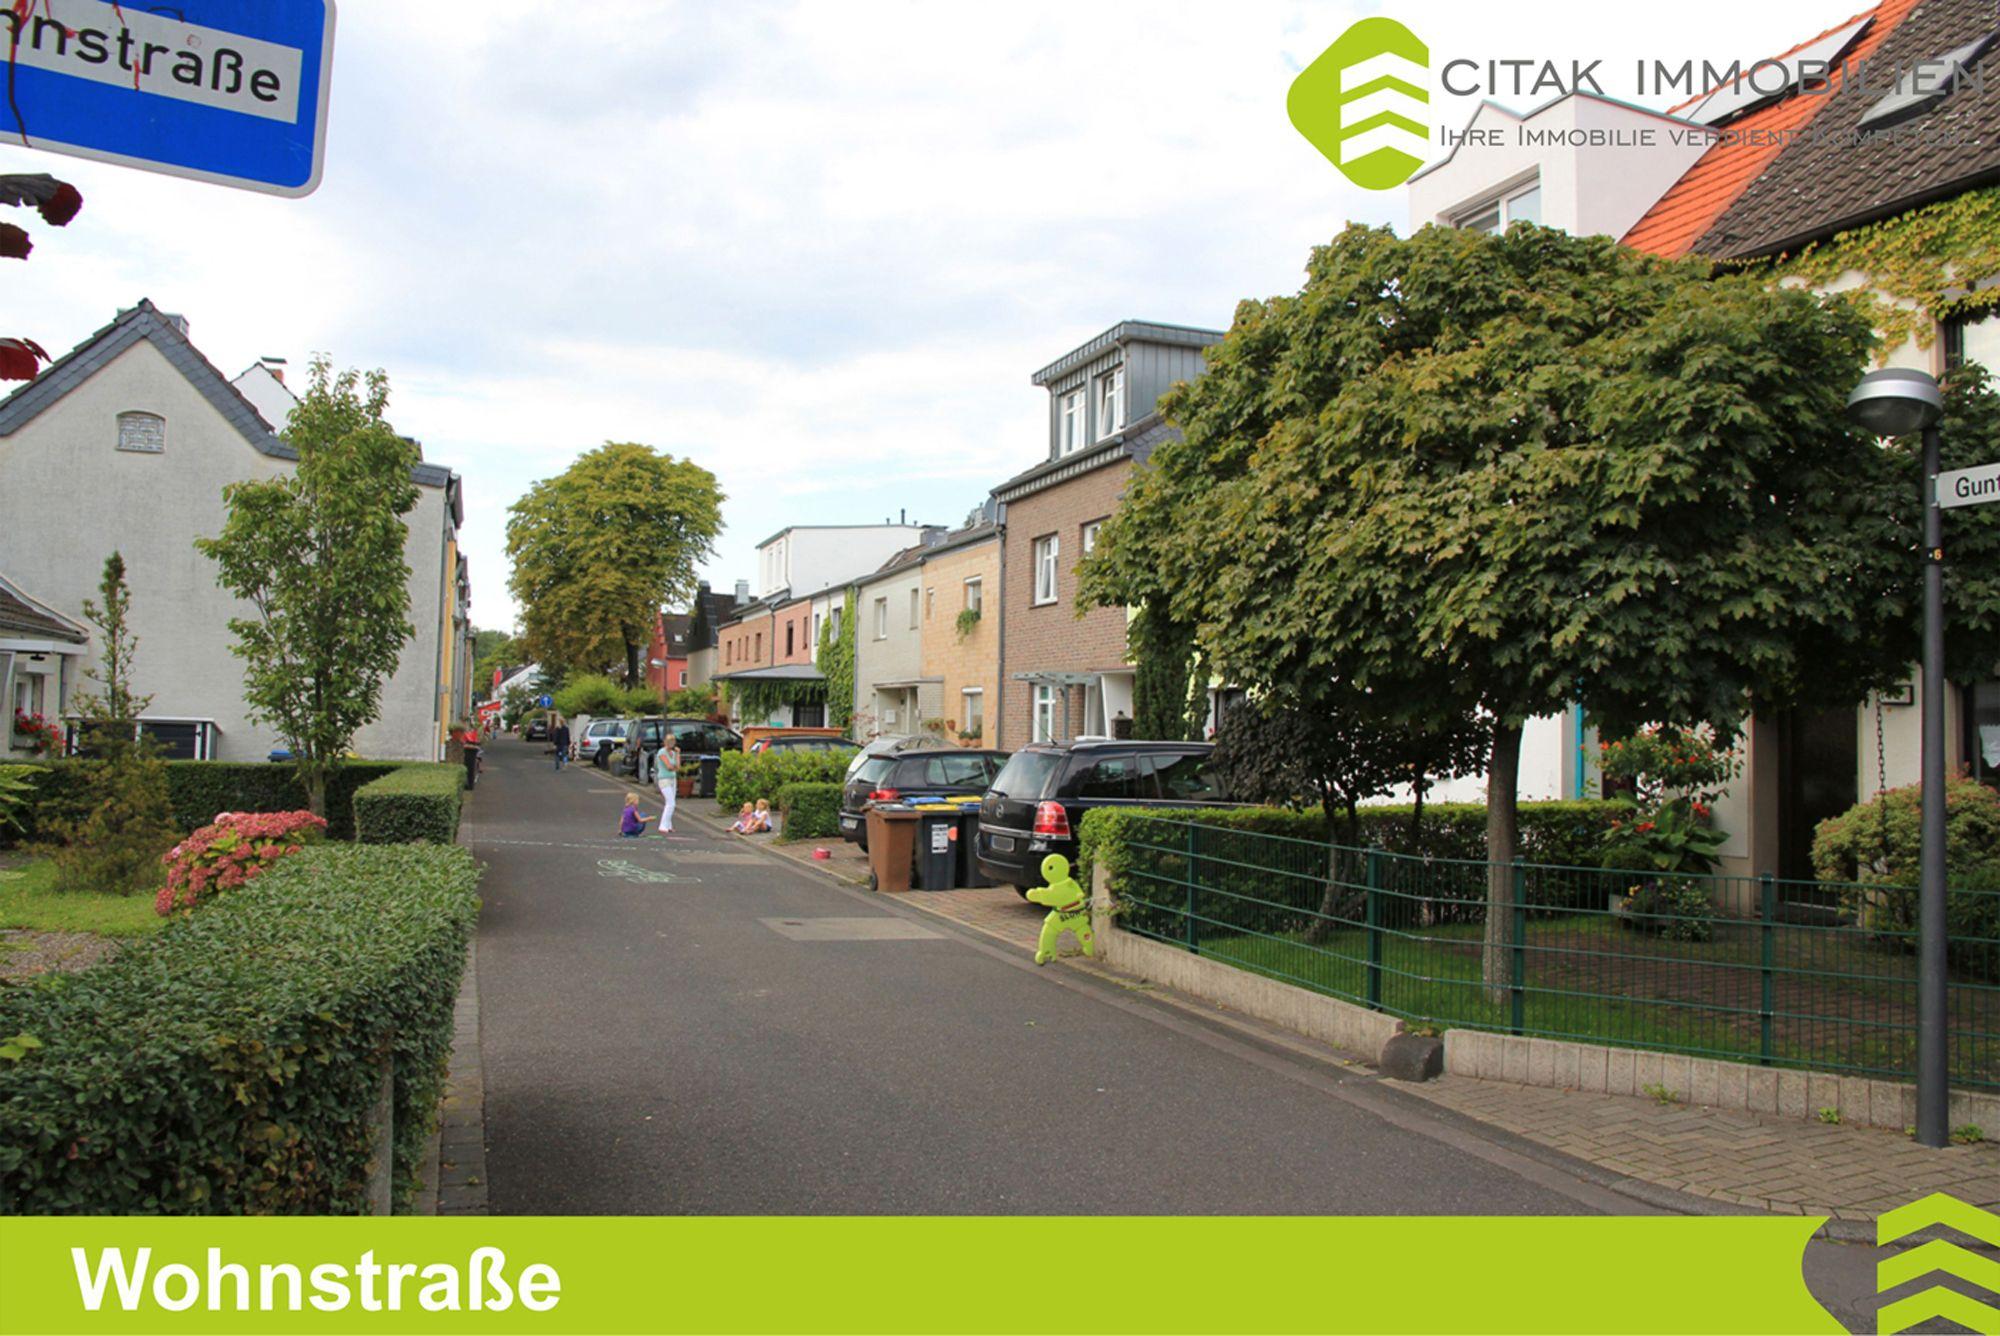 Koln Mauenheim Wohnstrasse Immobilien Immobilienmakler Strasse